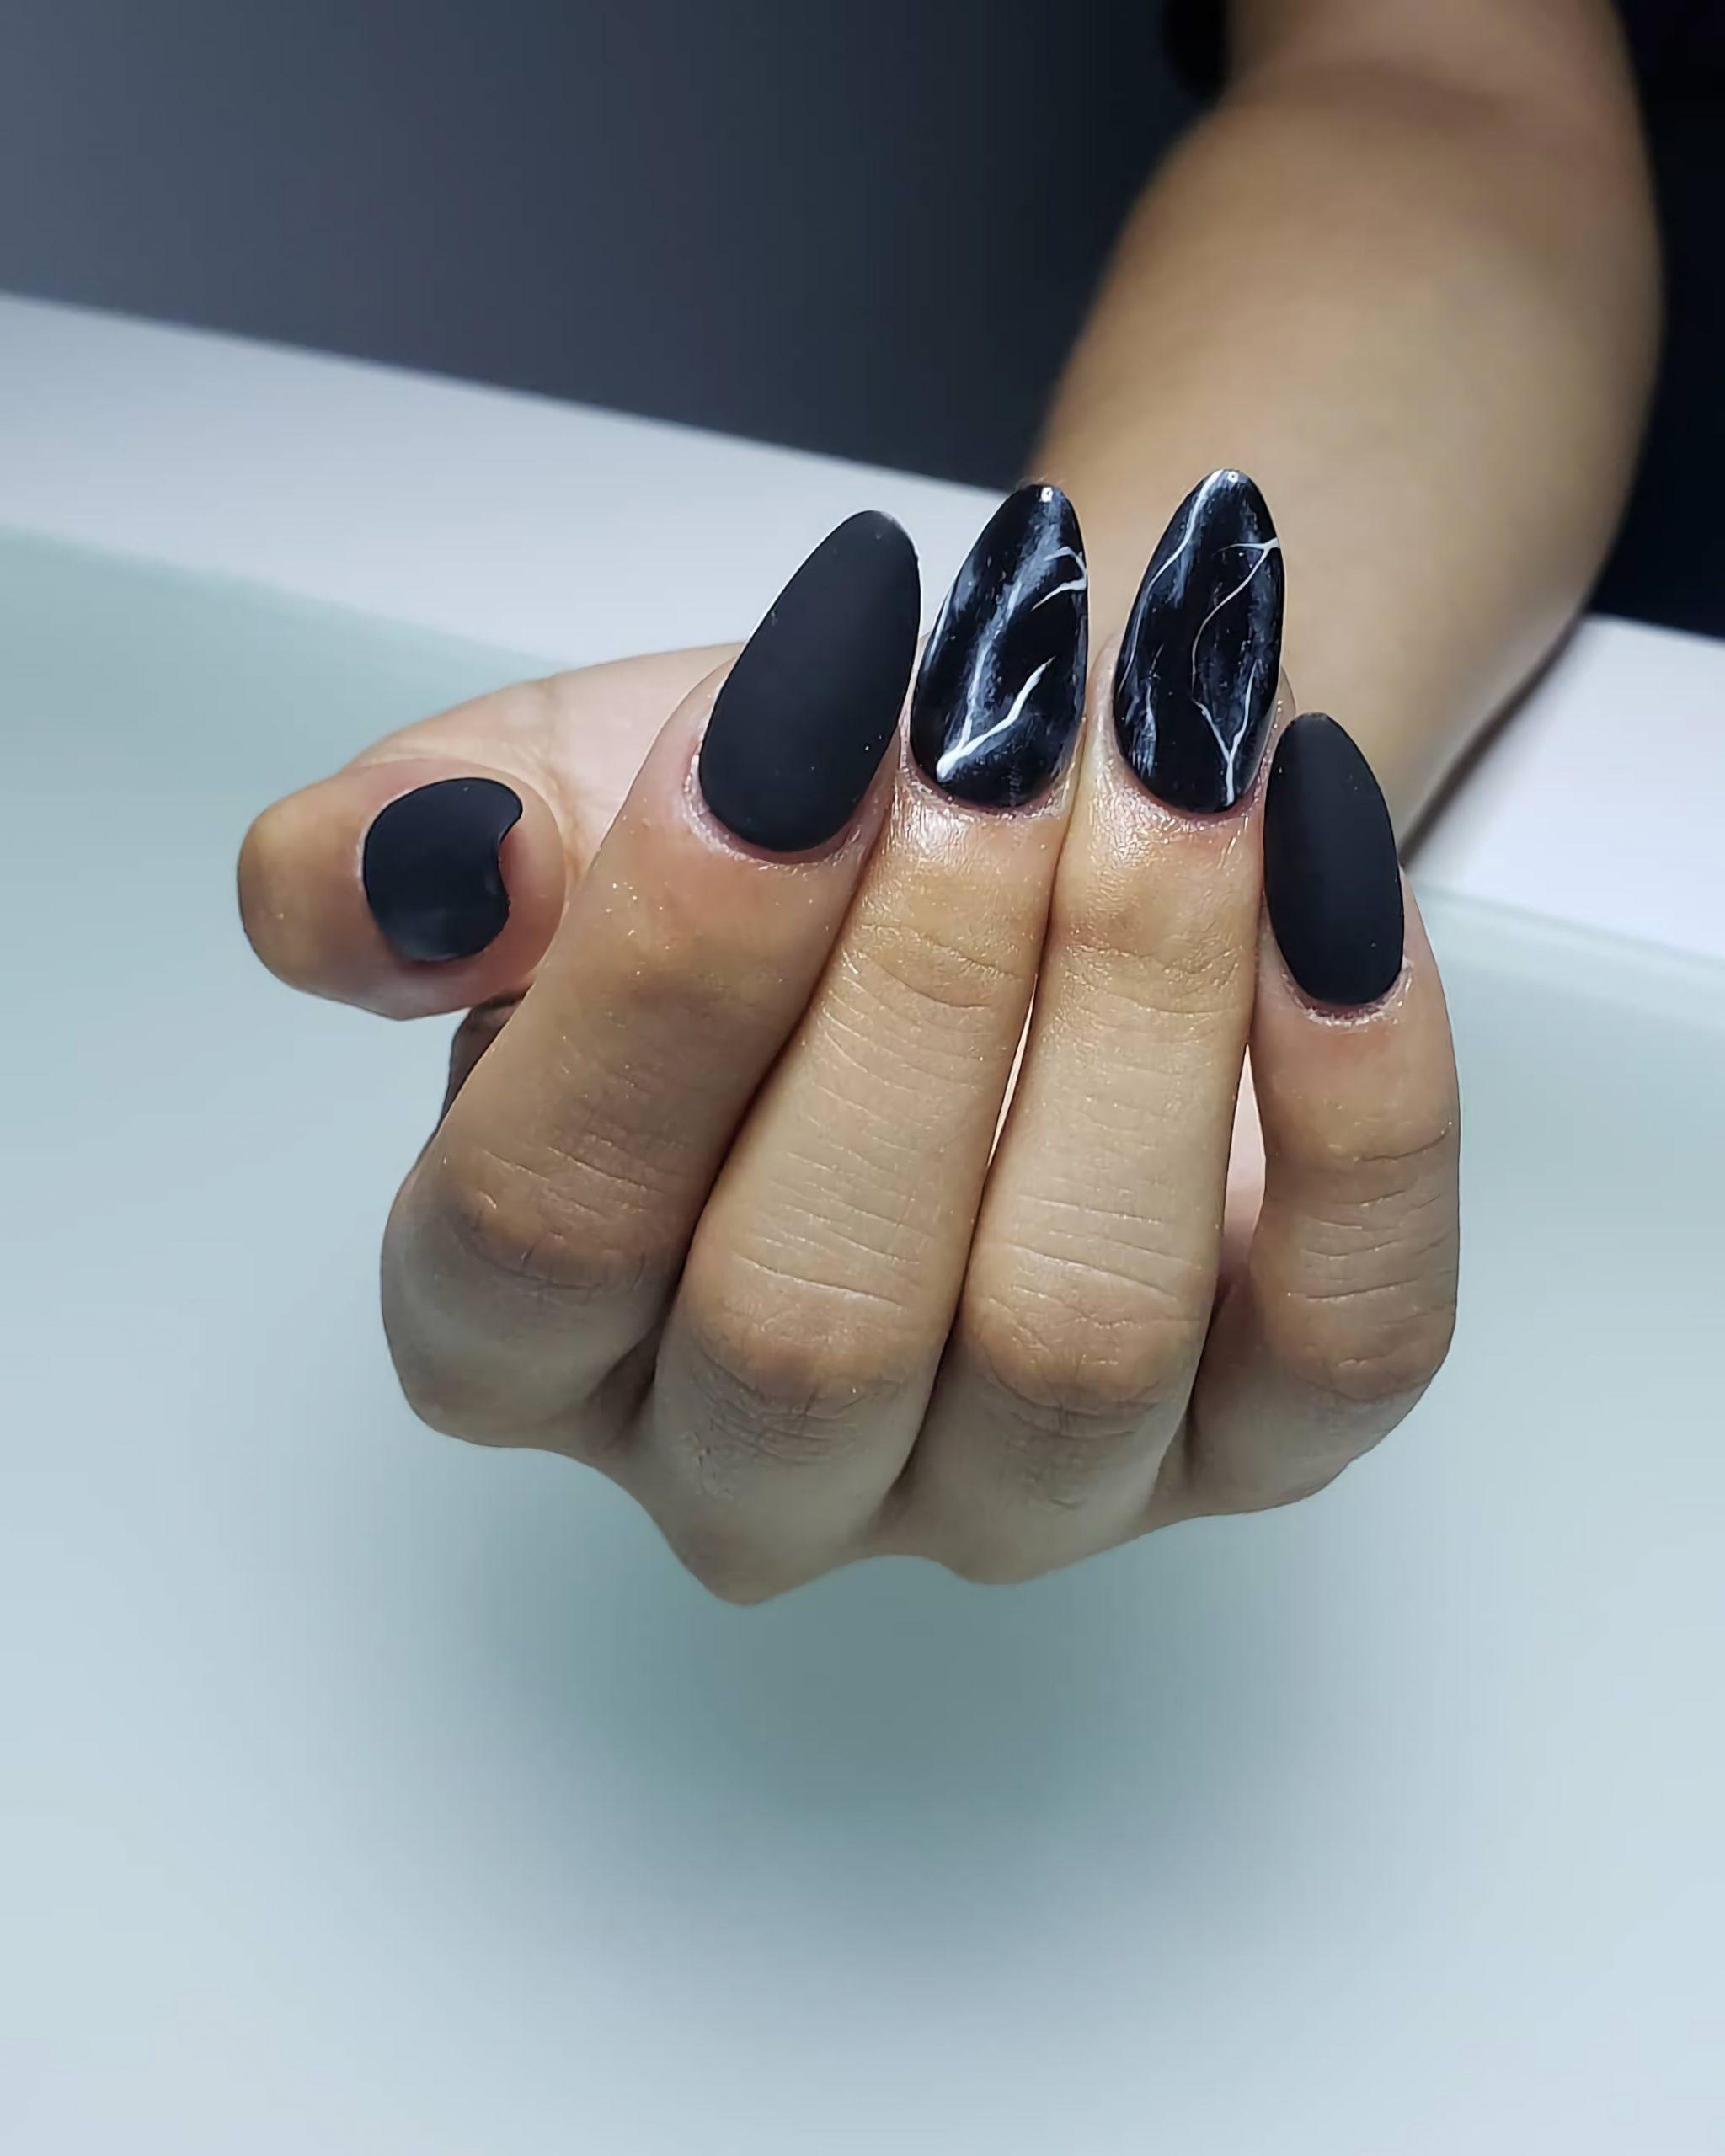 стильный черный и белый маникюр на короткие ногти